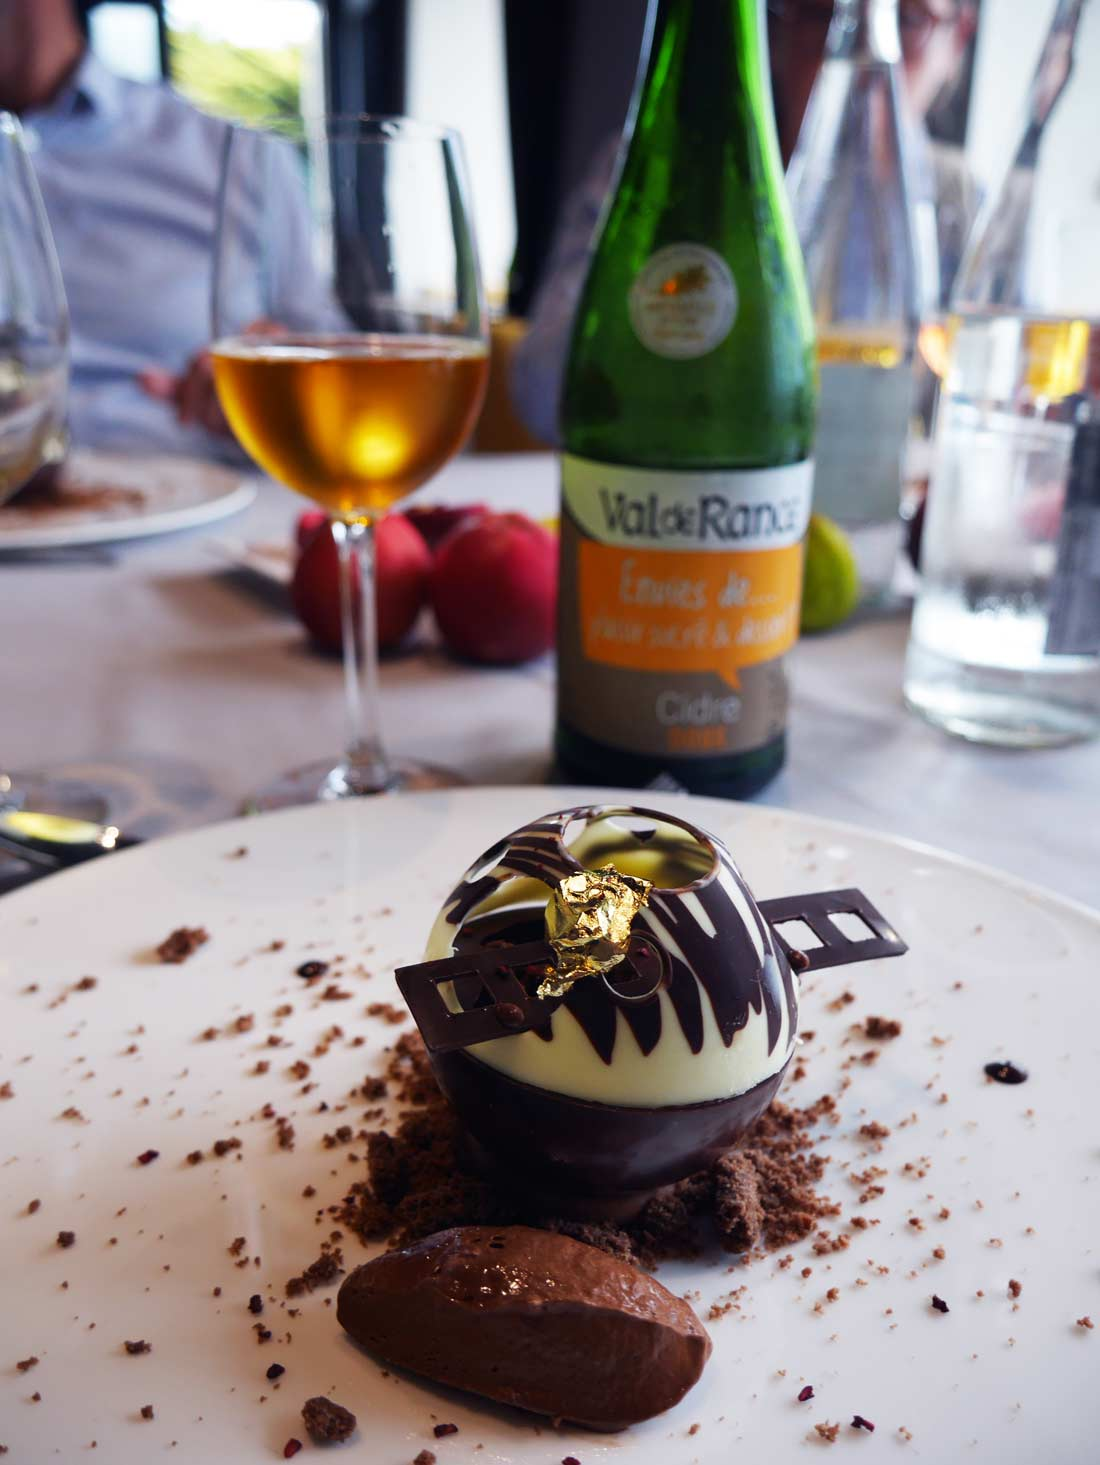 Dessert au chocolat et Val de Rance